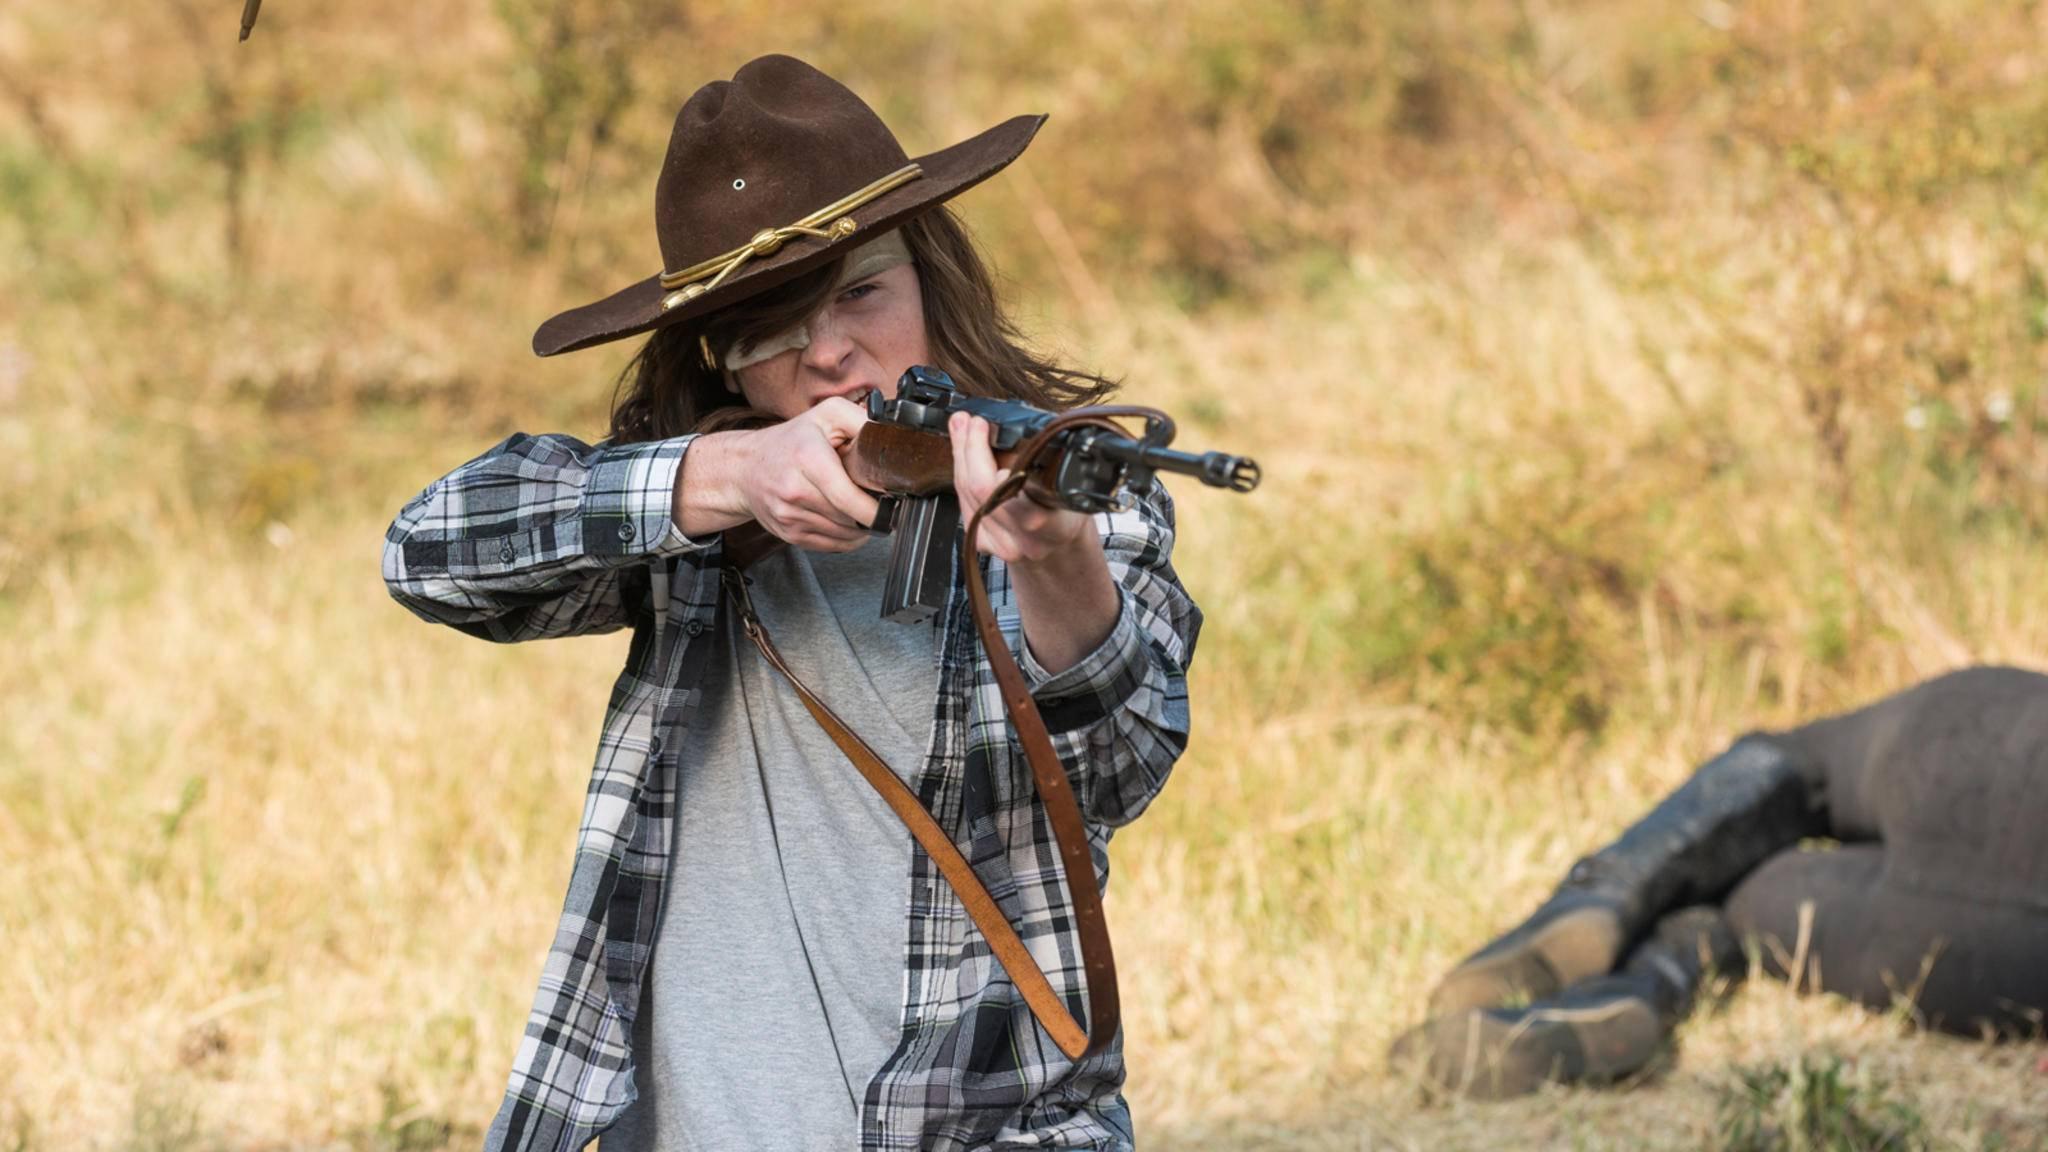 """Bis zum Ende von Staffel 7 hat sich nicht nur die Frisur des """"The Walking Dead""""-Charakters deutlich verändert."""